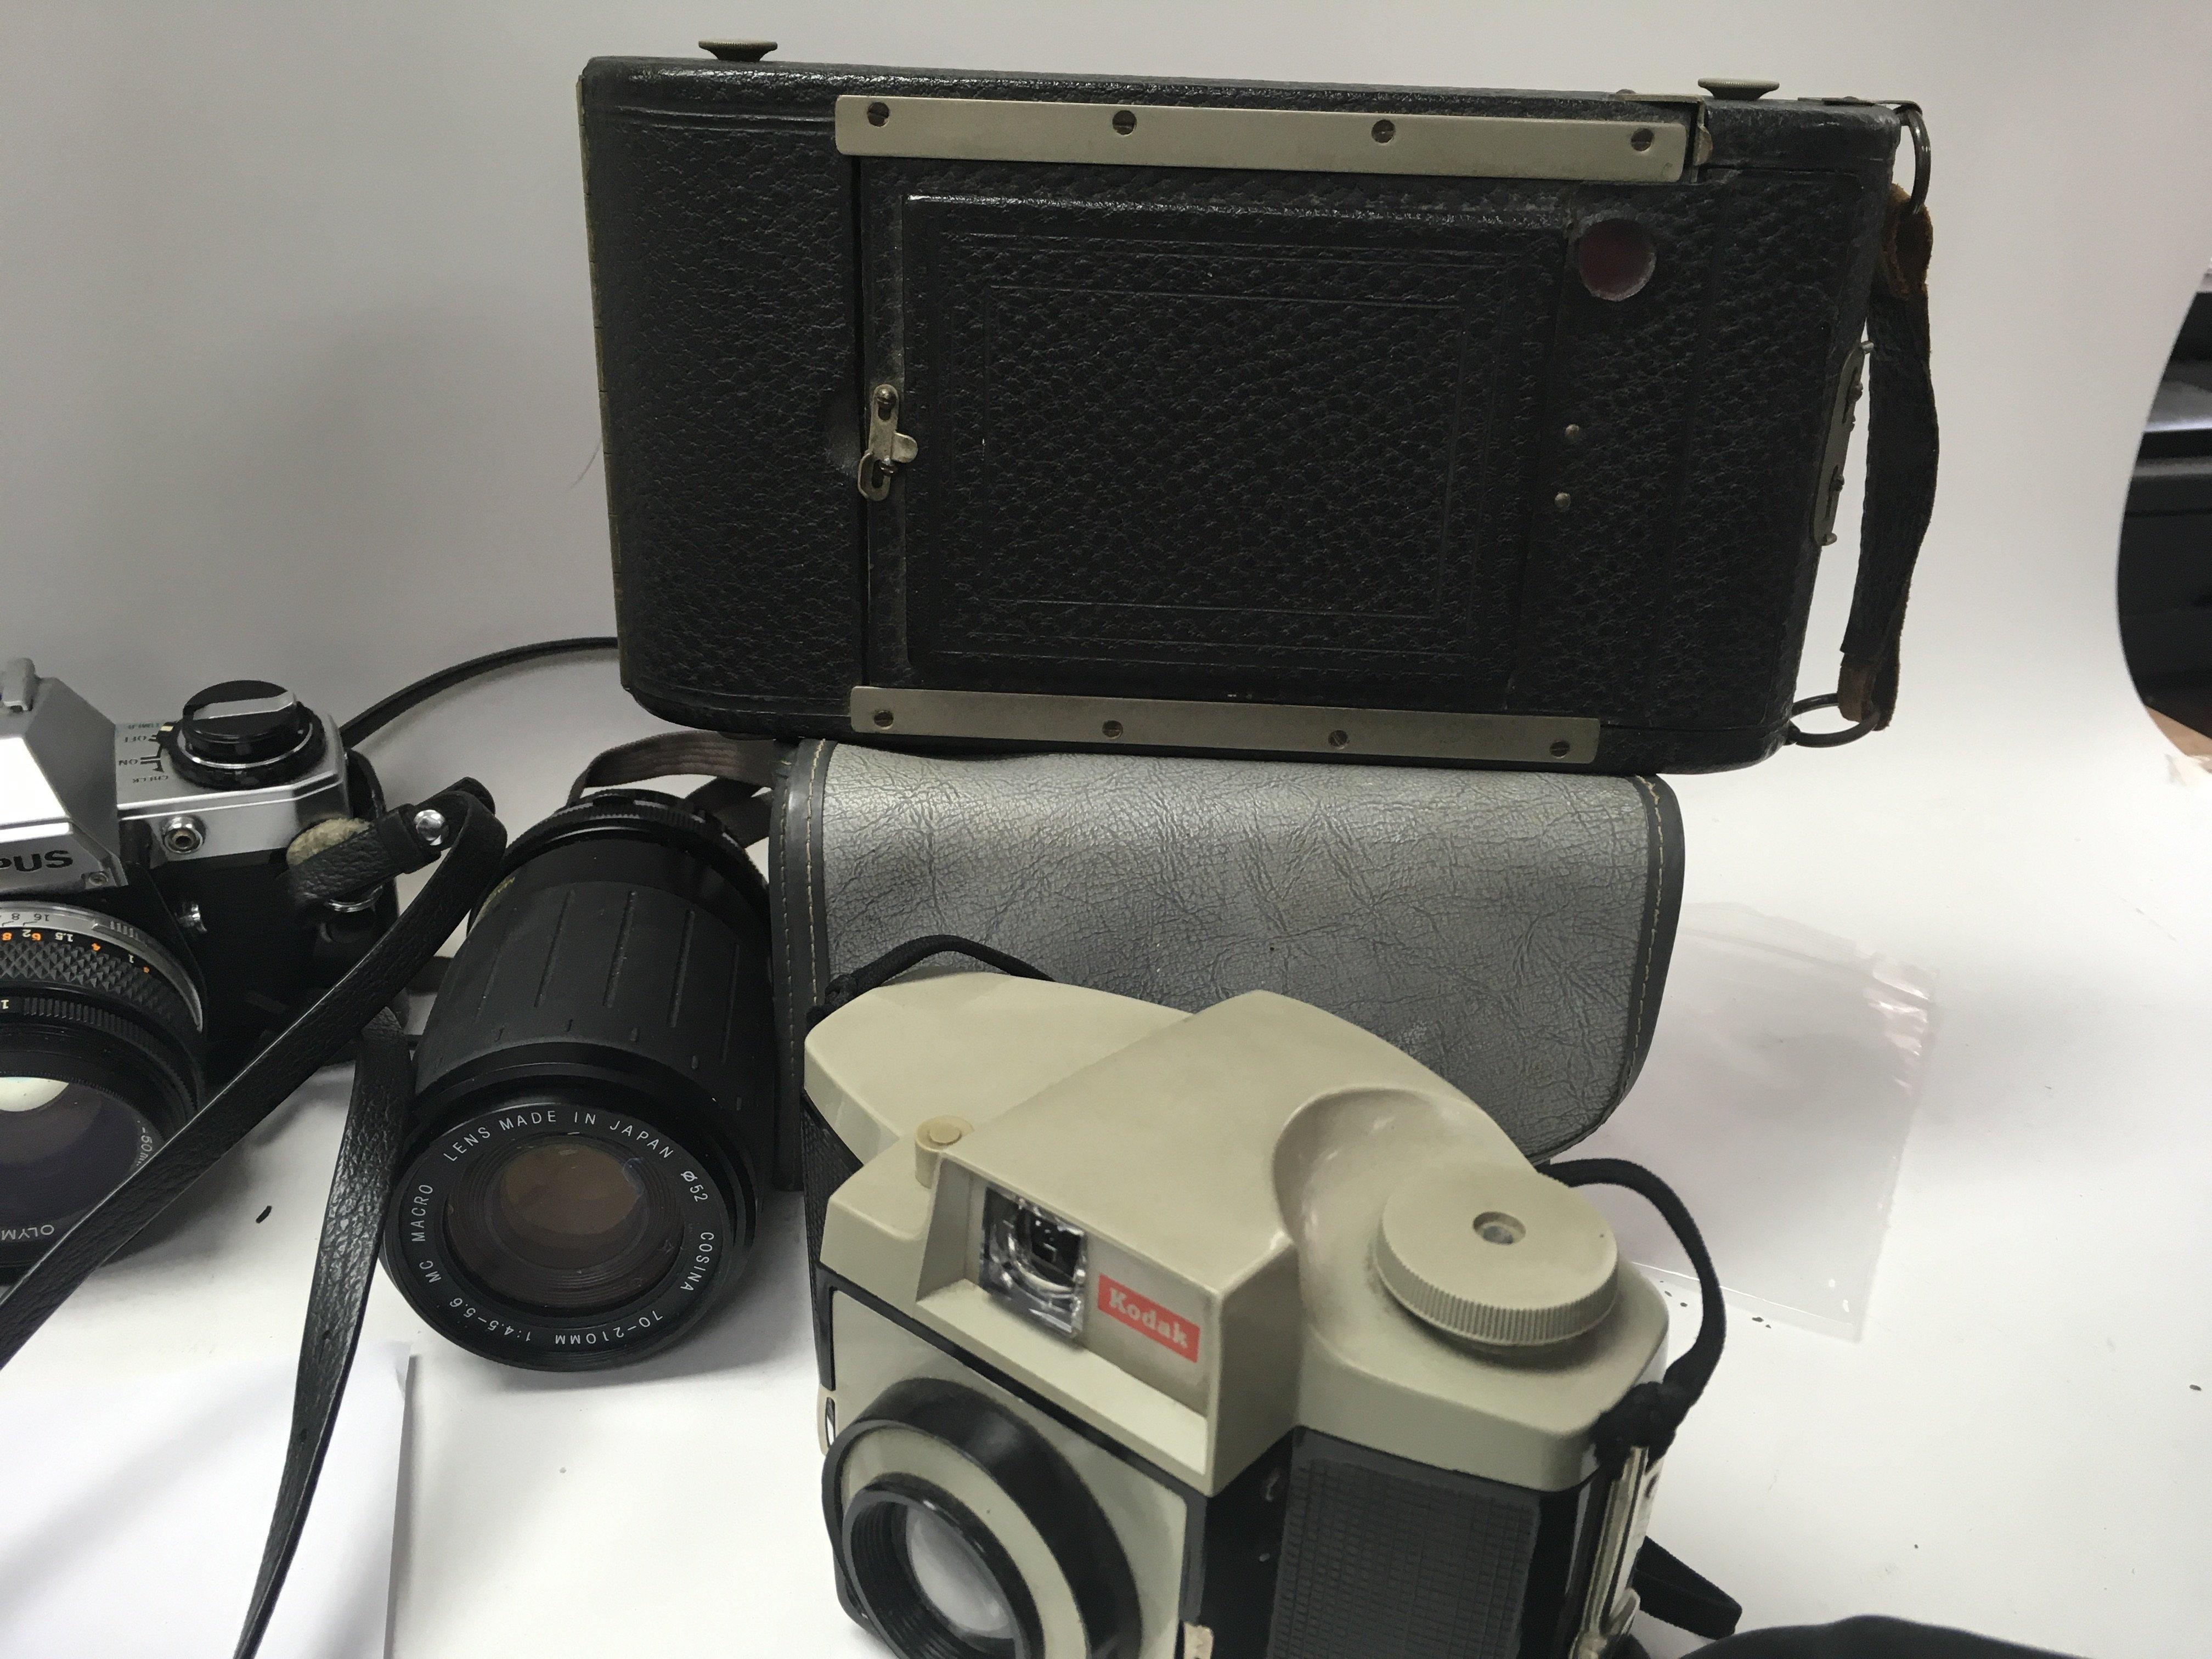 A lot of four cameras including a Silette LK, a Ko - Image 2 of 3